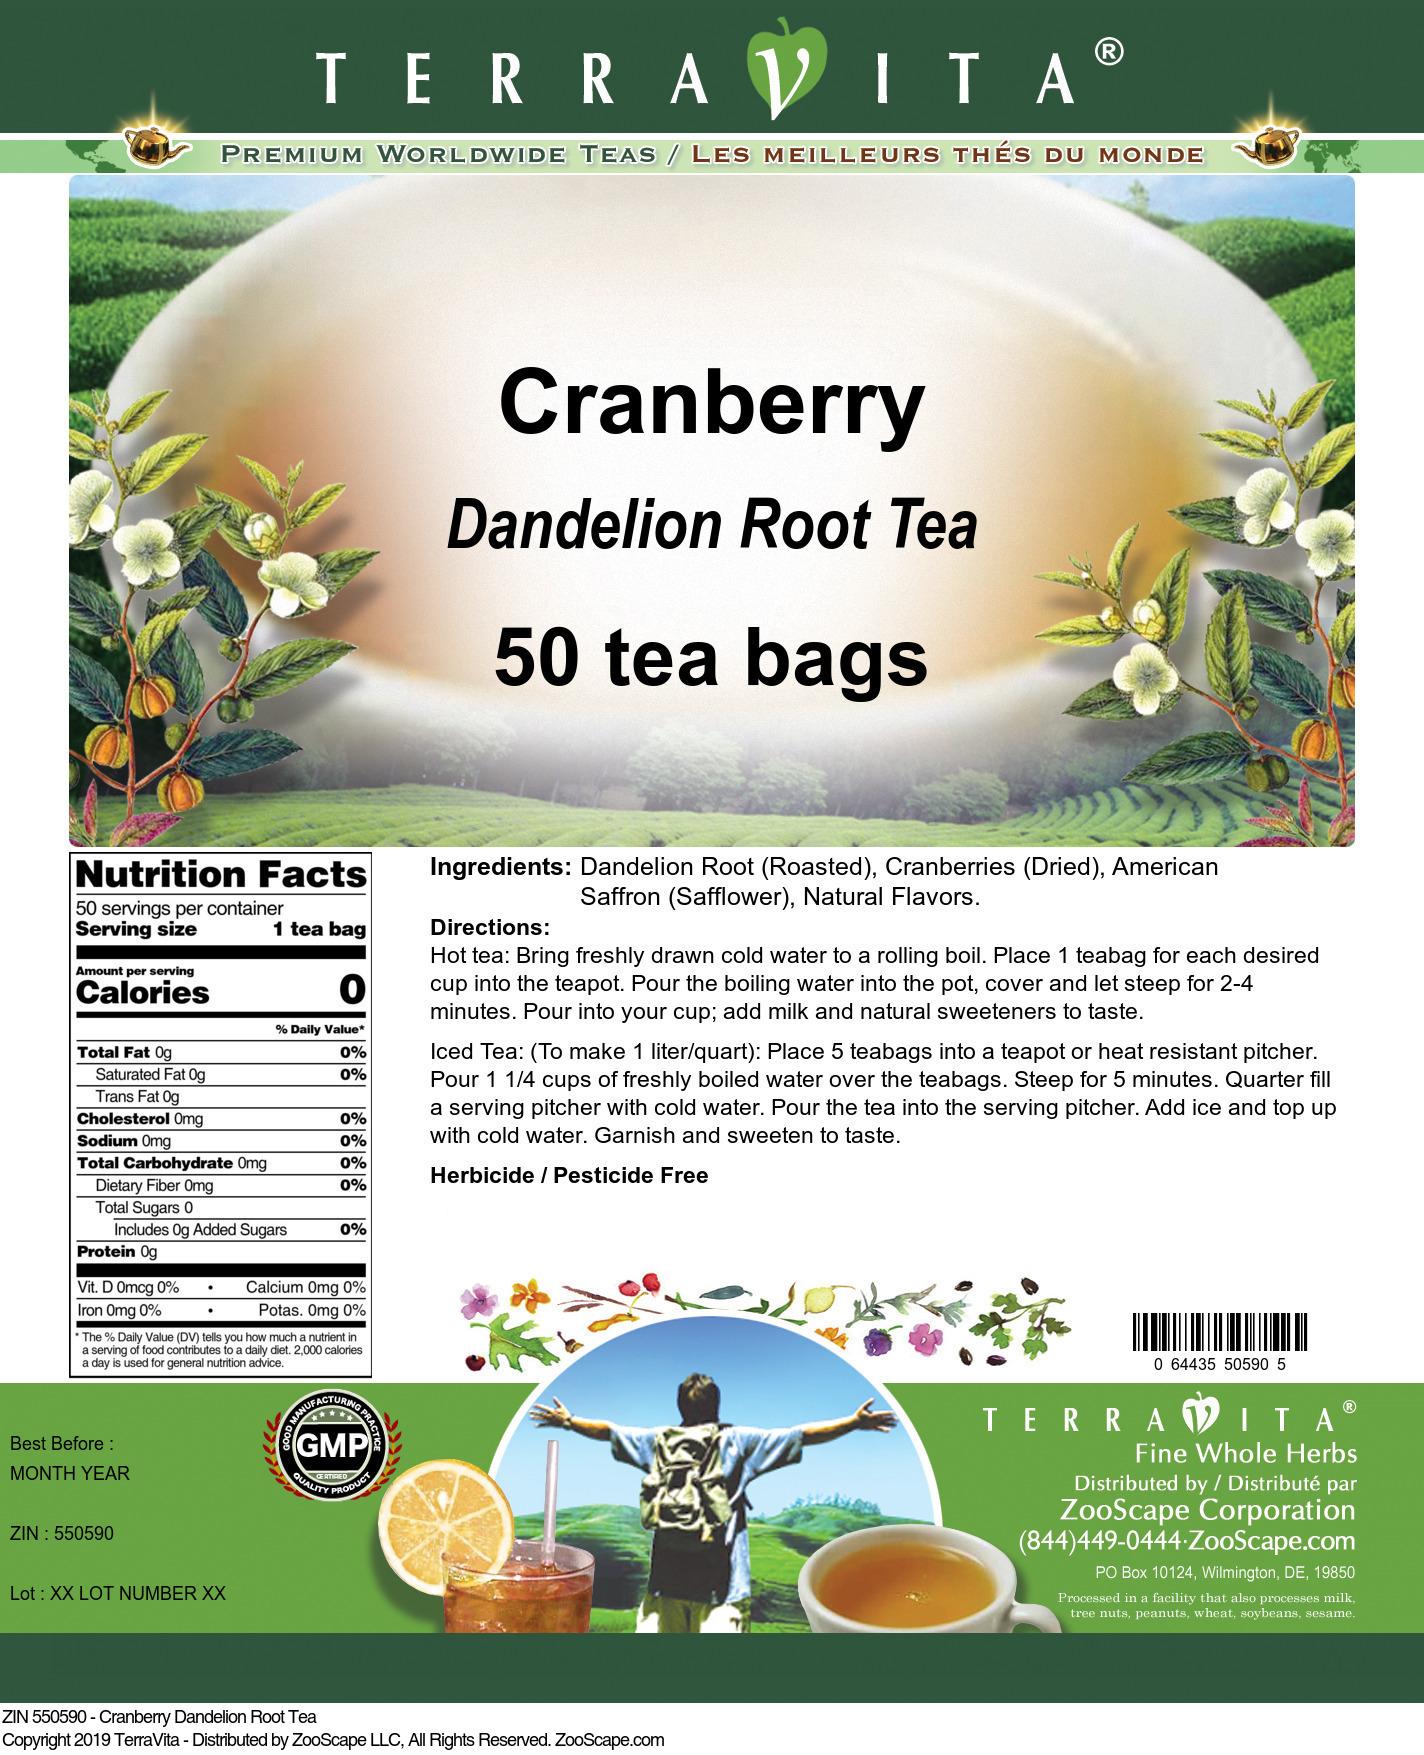 Cranberry Dandelion Root Tea